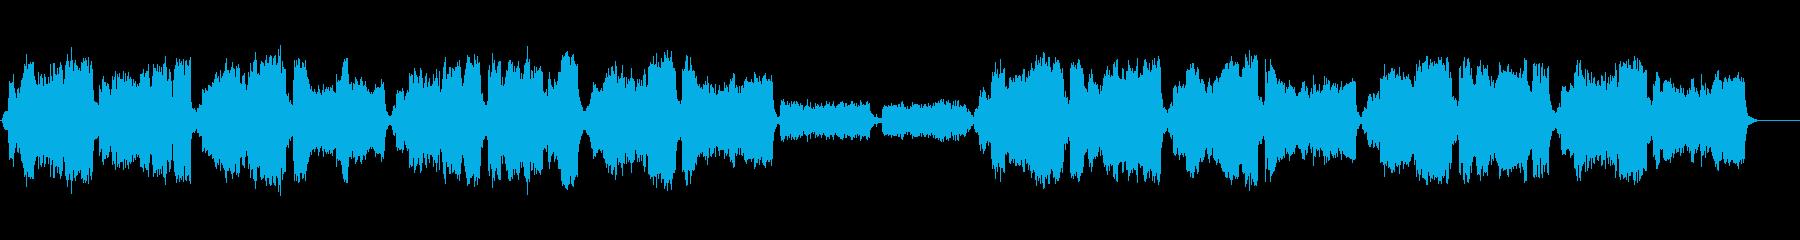 生演奏リコーダーとオーケストラ雄大な音楽の再生済みの波形